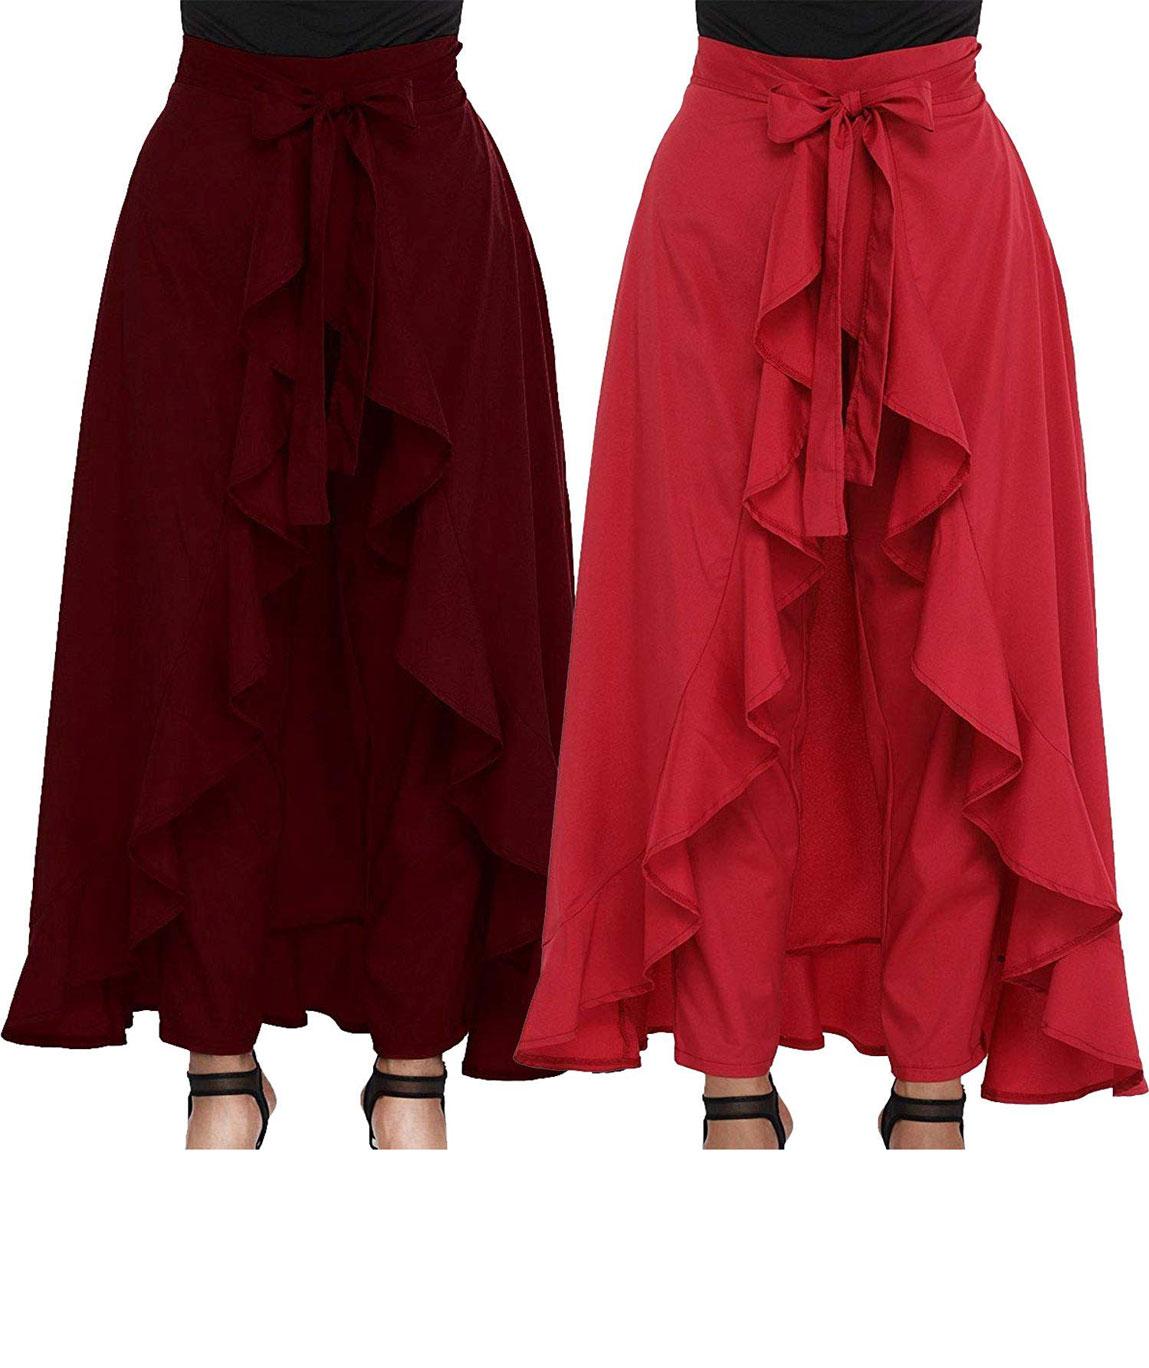 Women`s/Girls Crepe Solid Tie-Waist Layered/Ruffle Skirt Palazzo(maroon&red)